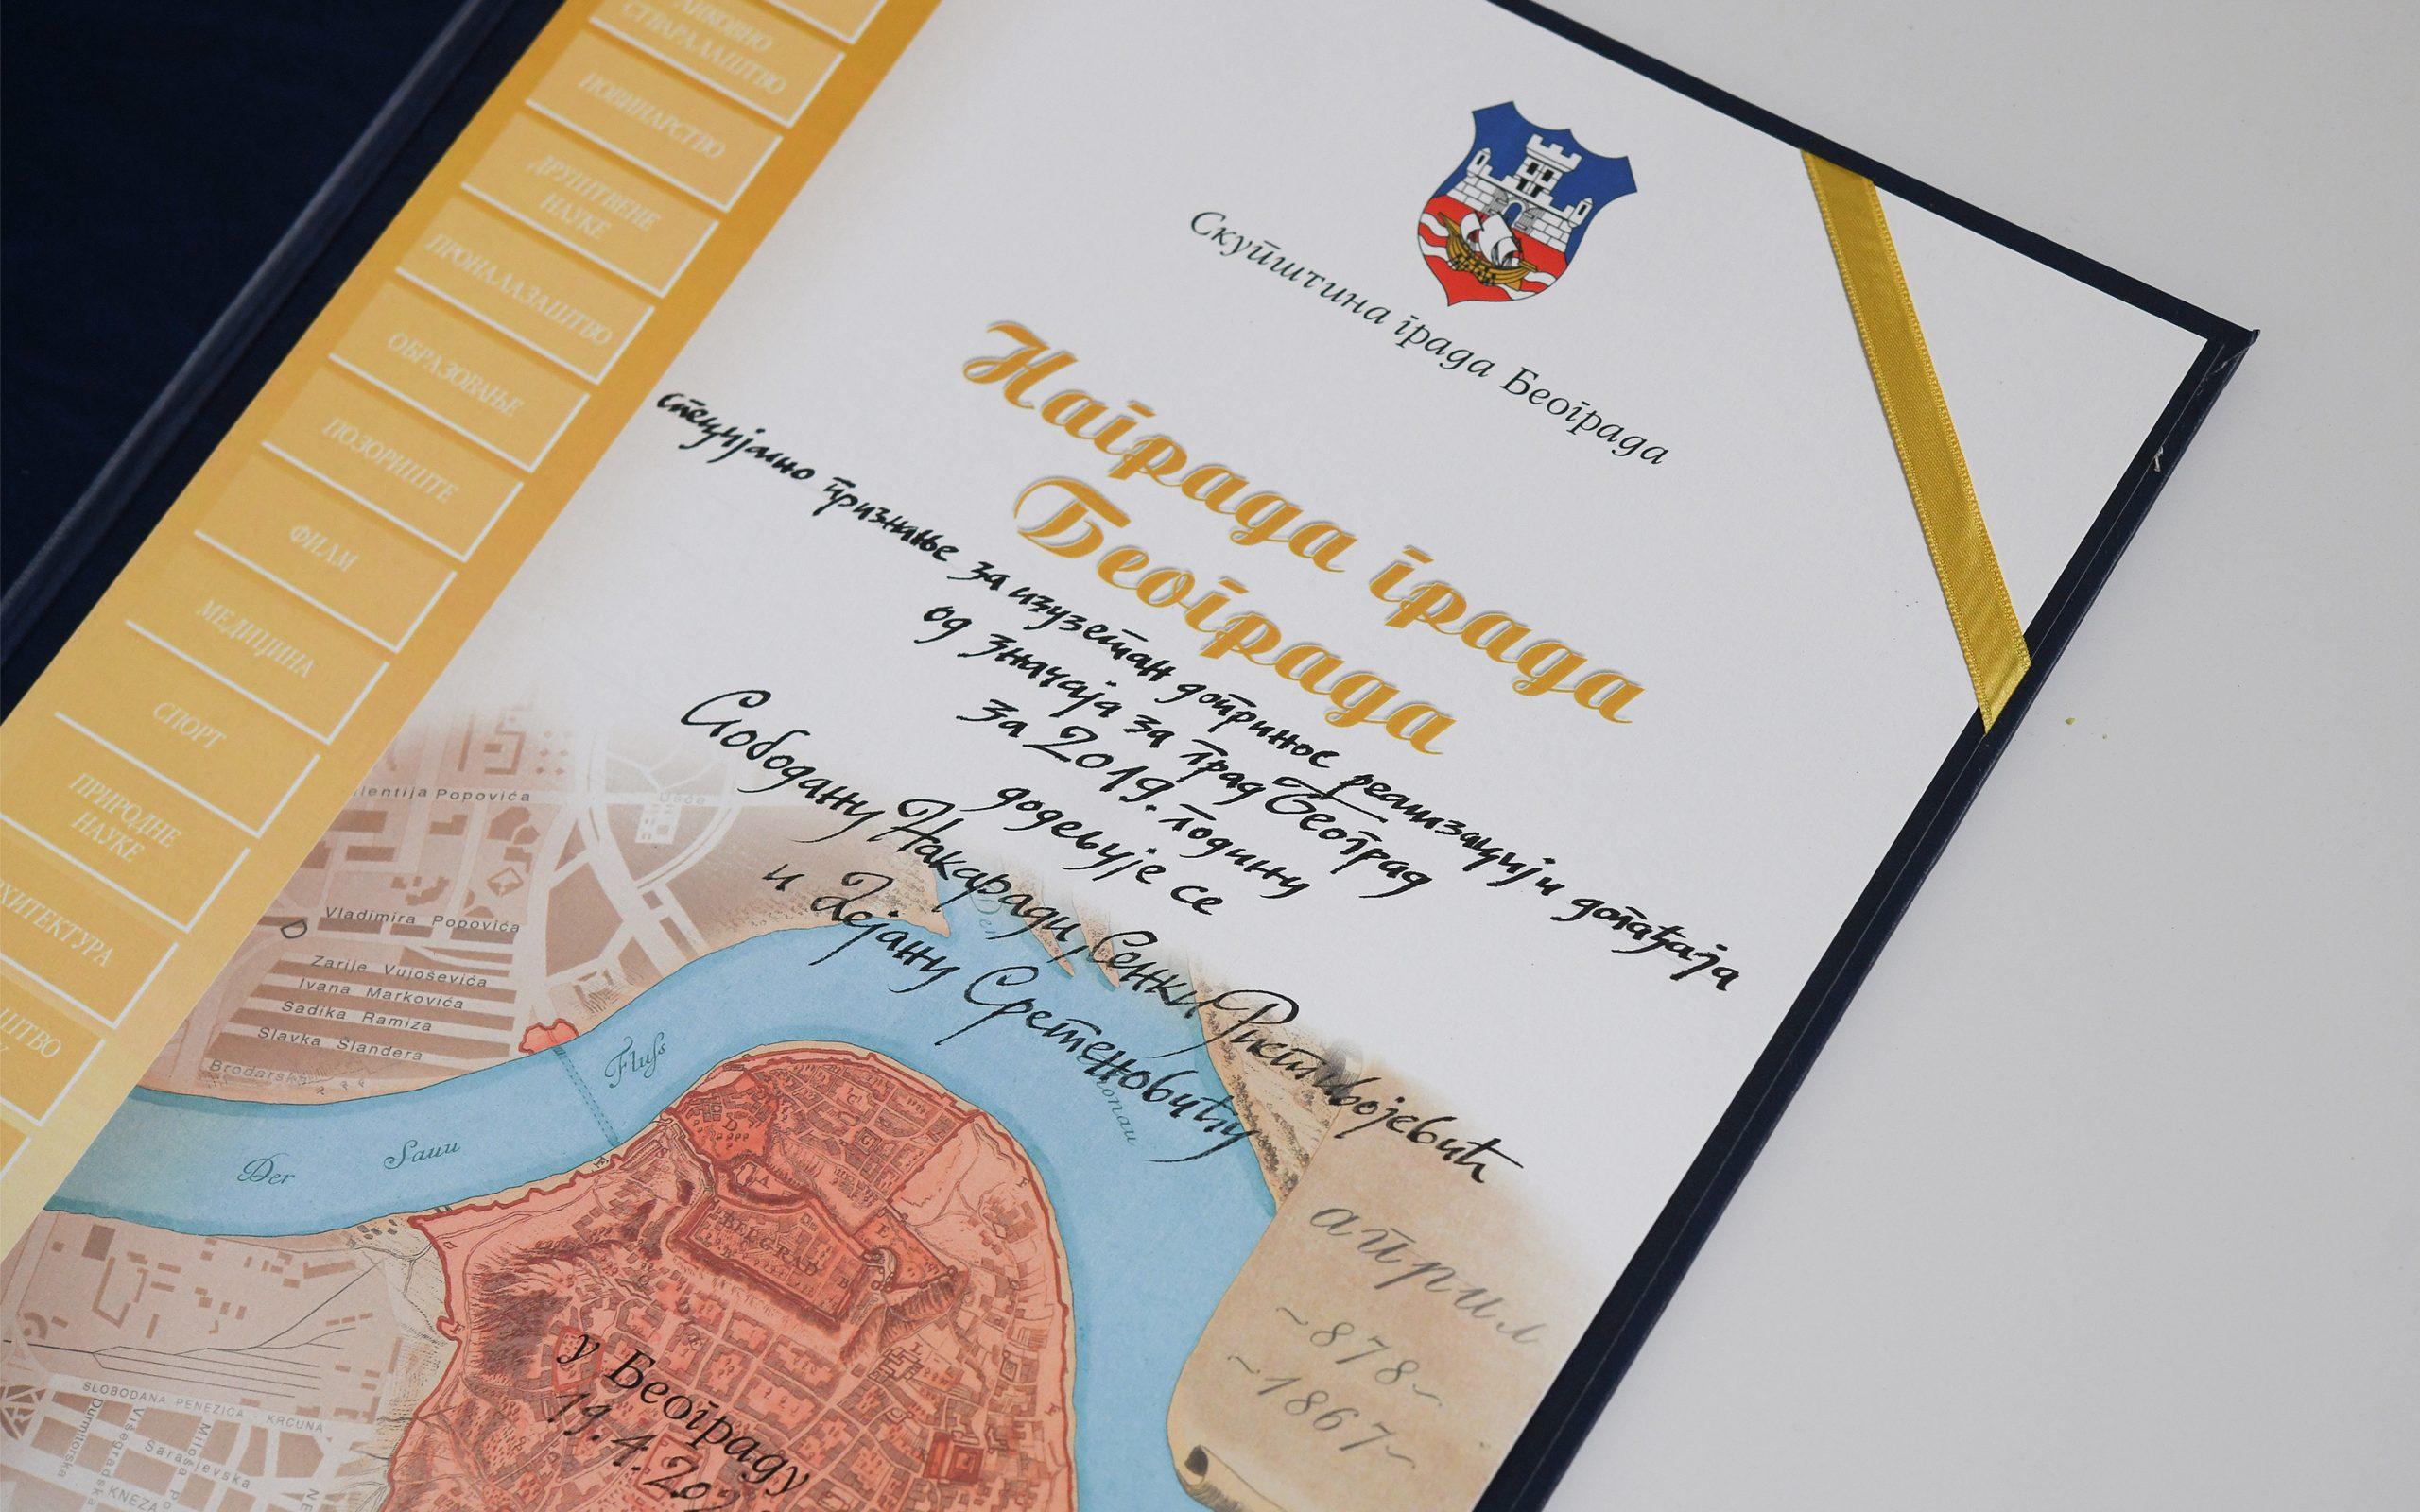 Nagrada grada Beograda